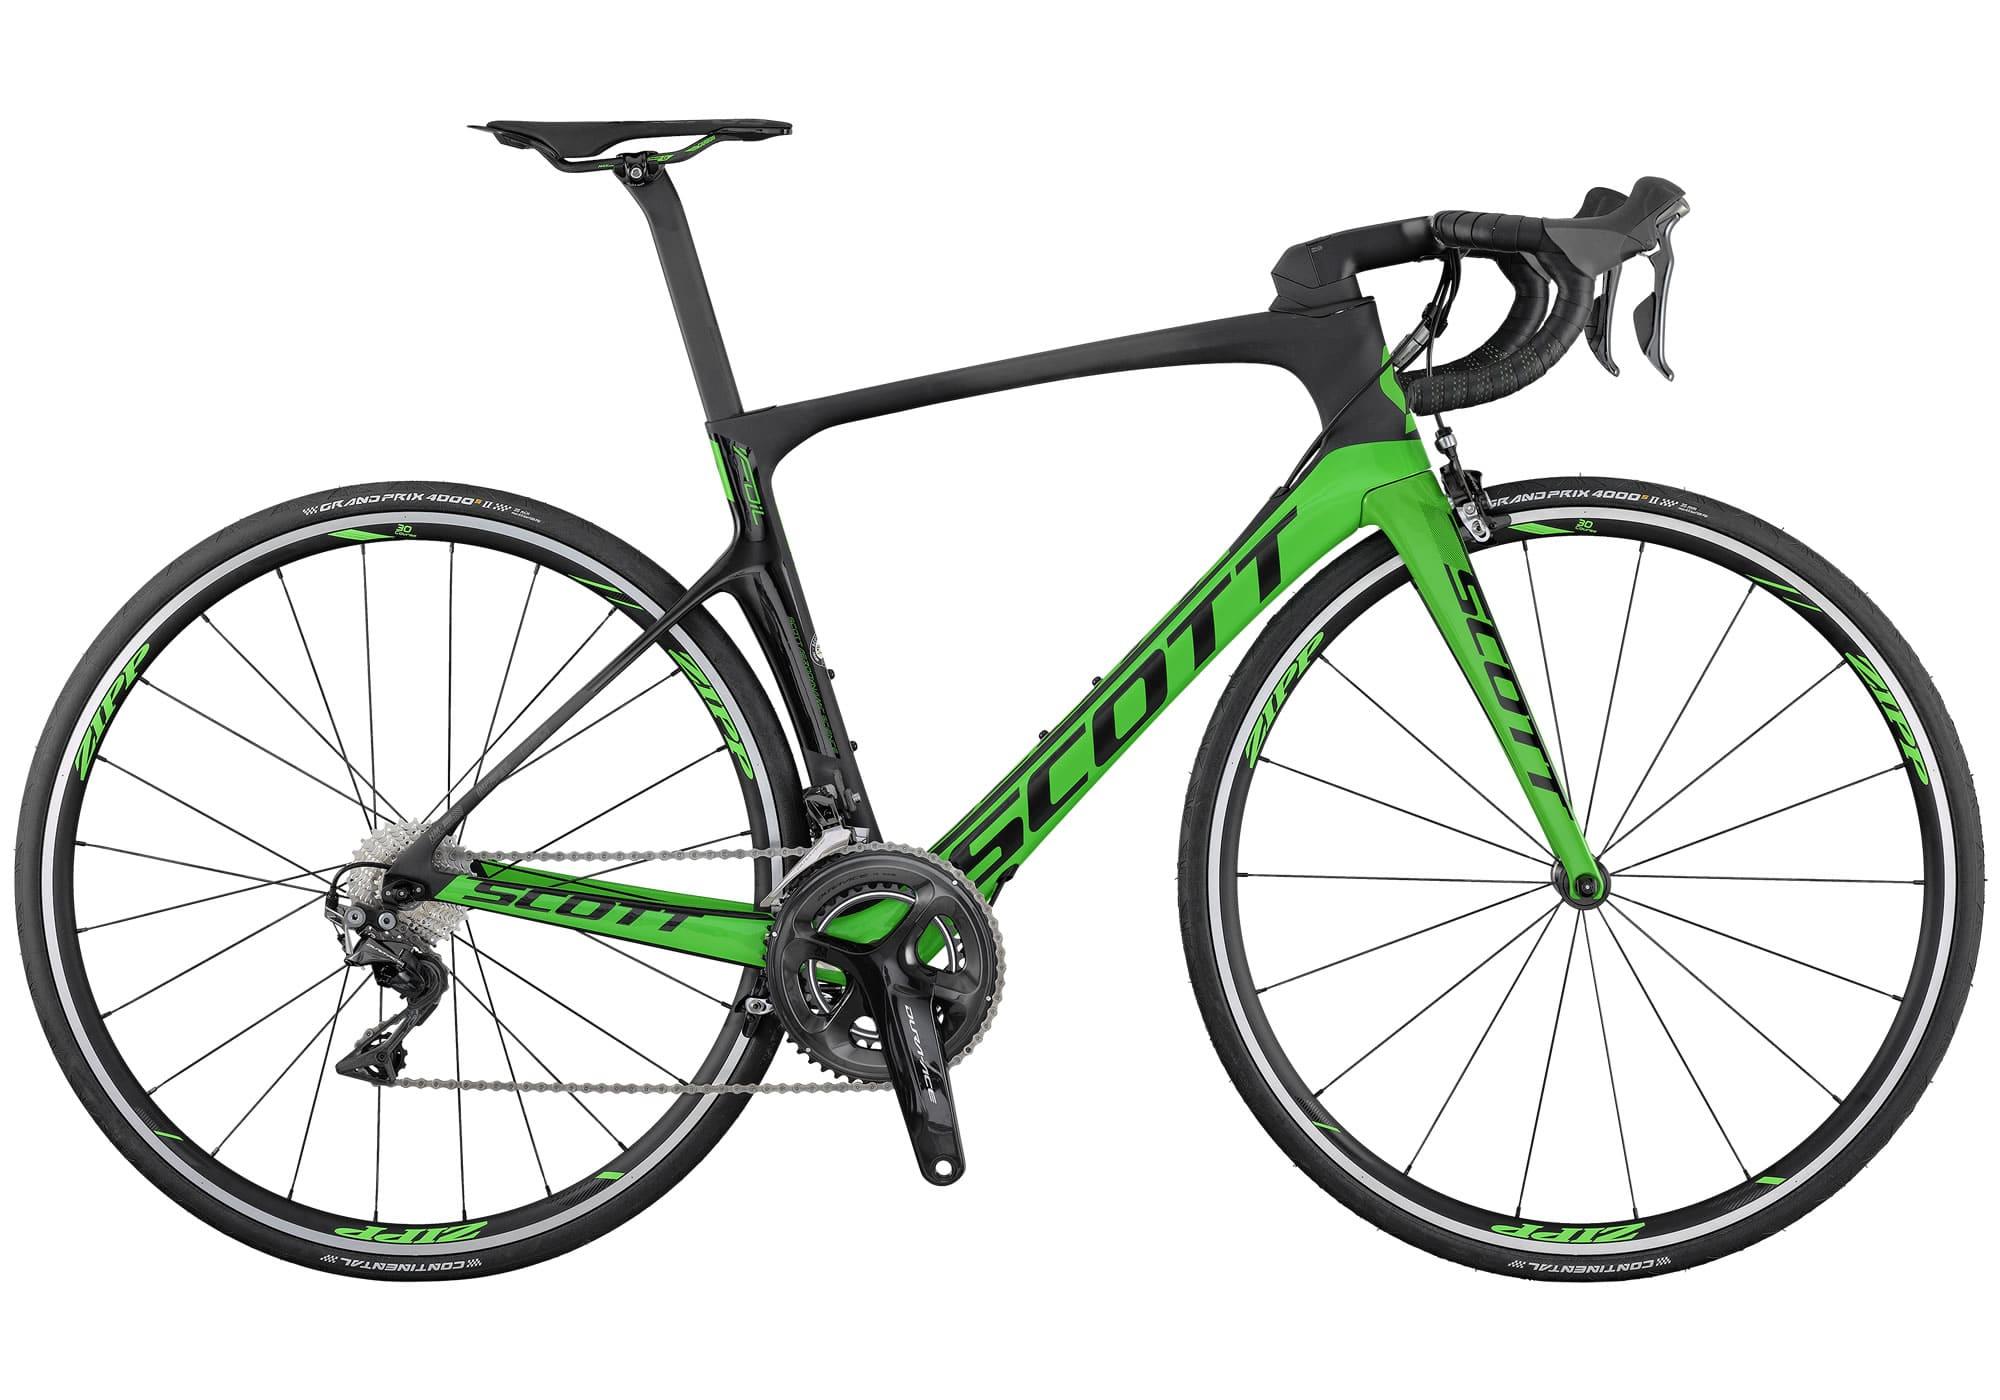 Scott Foil RC. La nueva bicicleta de carretera SCOTT Foil RC forjó su reputación cosechando victorias en diferentes etapas del Tour de Francia, en la Milán-San Remo y en la Lieja-Bastogne-Lieja, por mencionar solo algunas. Este éxito nos animó a diseñar la nueva FOIL RC de una forma incluso más aerodinámica y cómoda que antes y con el mismo nivel de rigidez lateral. Hemos rediseñado totalmente el cuadro de fibra de carbono HMX para reducir aún más la resistencia aerodinámica y poder ganar esos valiosos segundos. Es uno de los cuadros más ligeros en el segmento de aerodinámicos. Con un sistema de manillar integrado Syncros y componentes de carbono Syncros, esta bicicleta está diseñada para ayudarte a ganar todas las carreras.